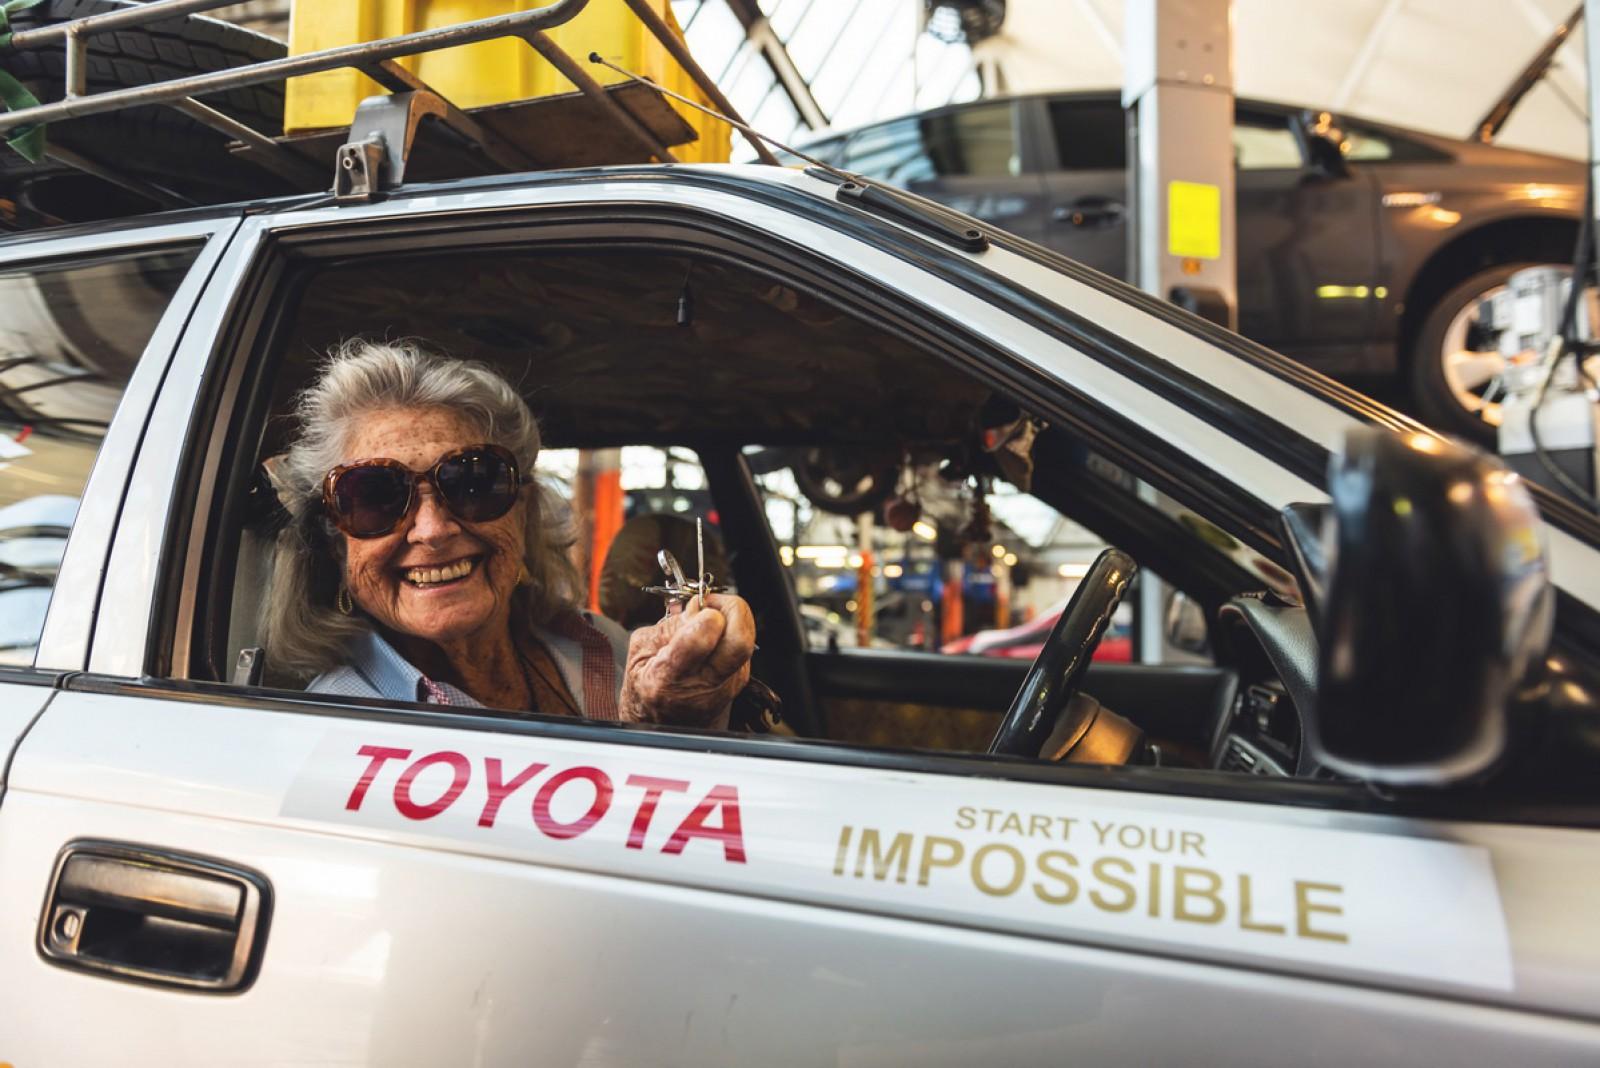 (foto) Ca să-şi vadă fiica, o femeie de 81 de ani a venit din sudul Africii până în Londra cu o Toyota din 1997